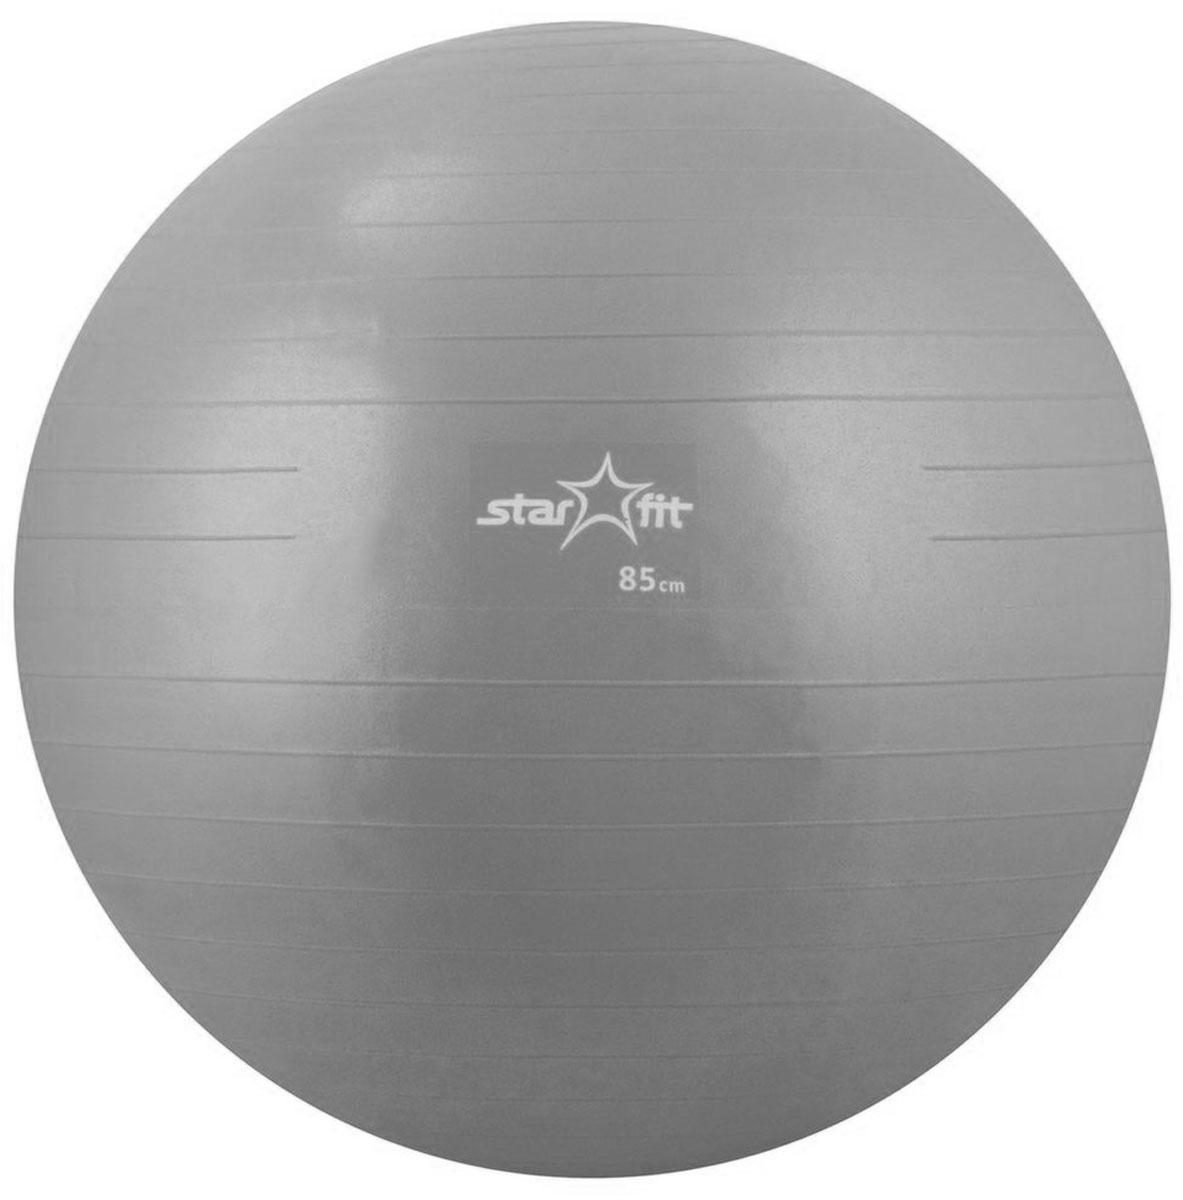 Мяч гимнастический Star Fit, антивзрыв, цвет: серый, диаметр 85 смУТ-00007195Гимнастический мяч Star Fit является универсальным тренажером для всех групп мышц, помогает развить гибкость, исправить осанку, снимает чувство усталости в спине. Предназначен для гимнастических и медицинских целей в лечебных упражнениях. Прекрасно подходит для использования в домашних условиях. Данный мяч можно использовать для реабилитации после травм и операций, восстановления после перенесенного инсульта, стимуляции и релаксации мышечных тканей, улучшения кровообращения, лечении и профилактики сколиоза, при заболеваниях или повреждениях опорно- двигательного аппарата. Максимальный вес пользователя: 300 кг. УВАЖЕМЫЕ КЛИЕНТЫ! Обращаем ваше внимание на тот факт, что мяч поставляется в сдутом виде. Насос не входит в комплект.